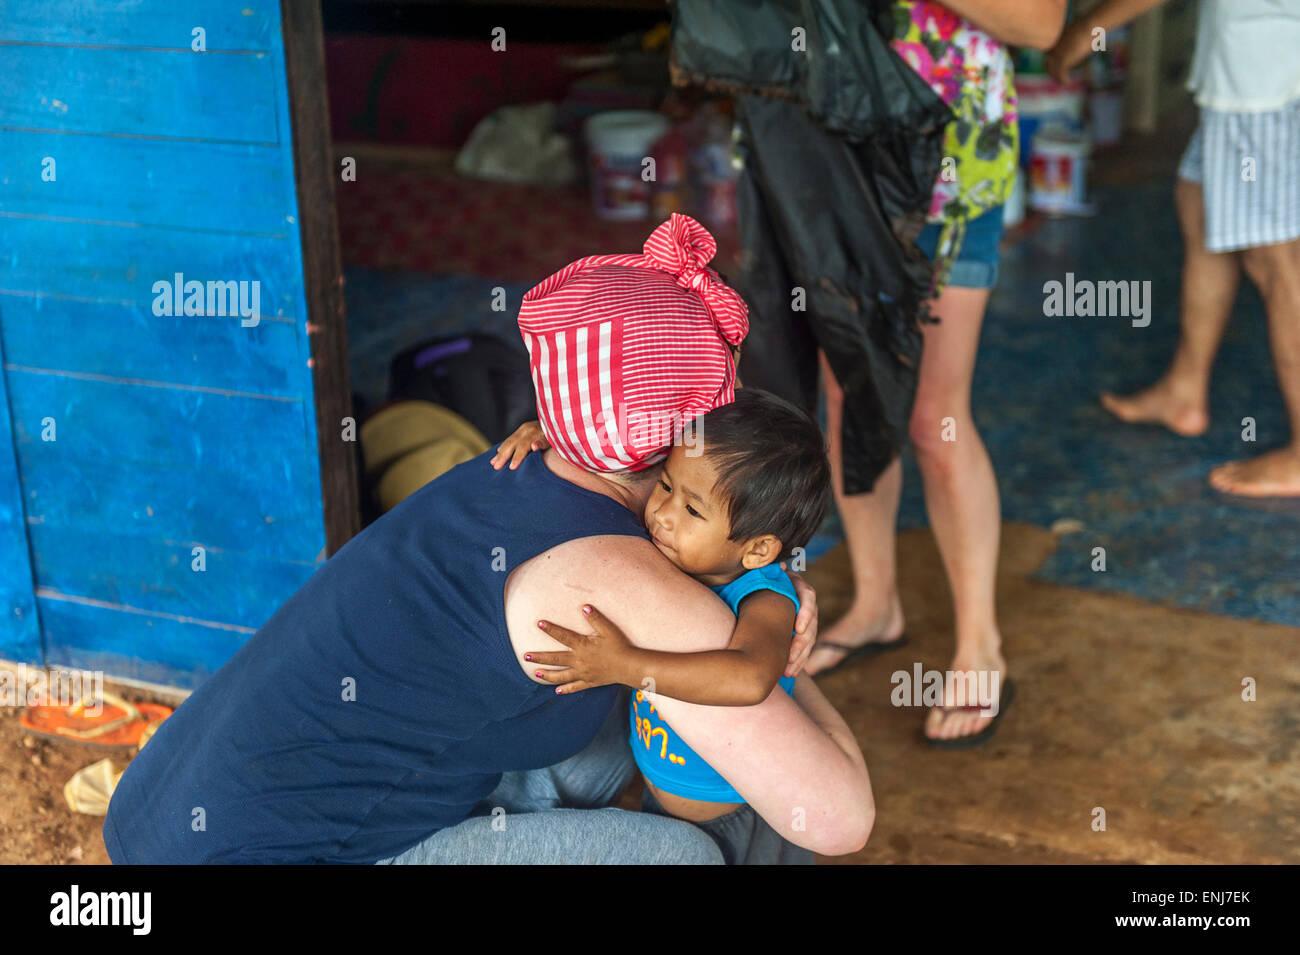 Touristischen freiwilligen Abschied sagen zu den Kindern im Waisenhaus Traumhaus & Kinderheim. Sangklaburi. Thailand Stockfoto